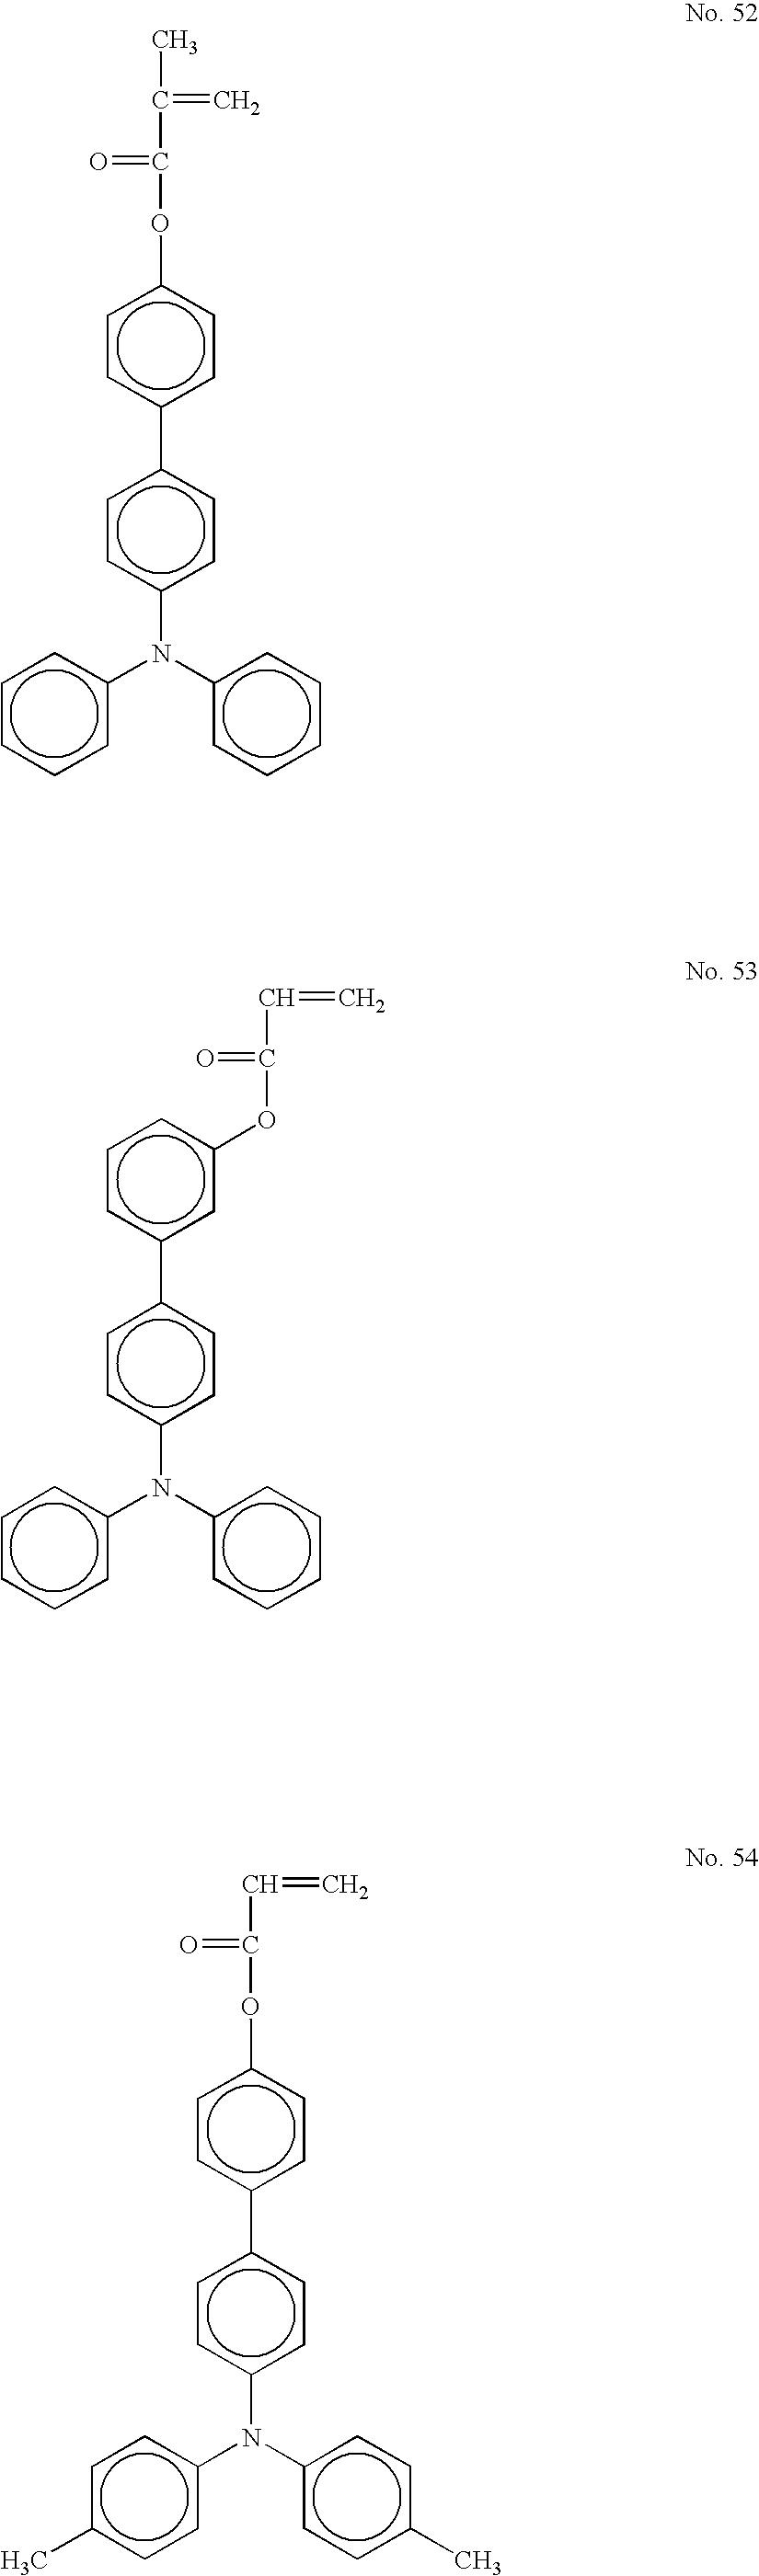 Figure US07175957-20070213-C00029